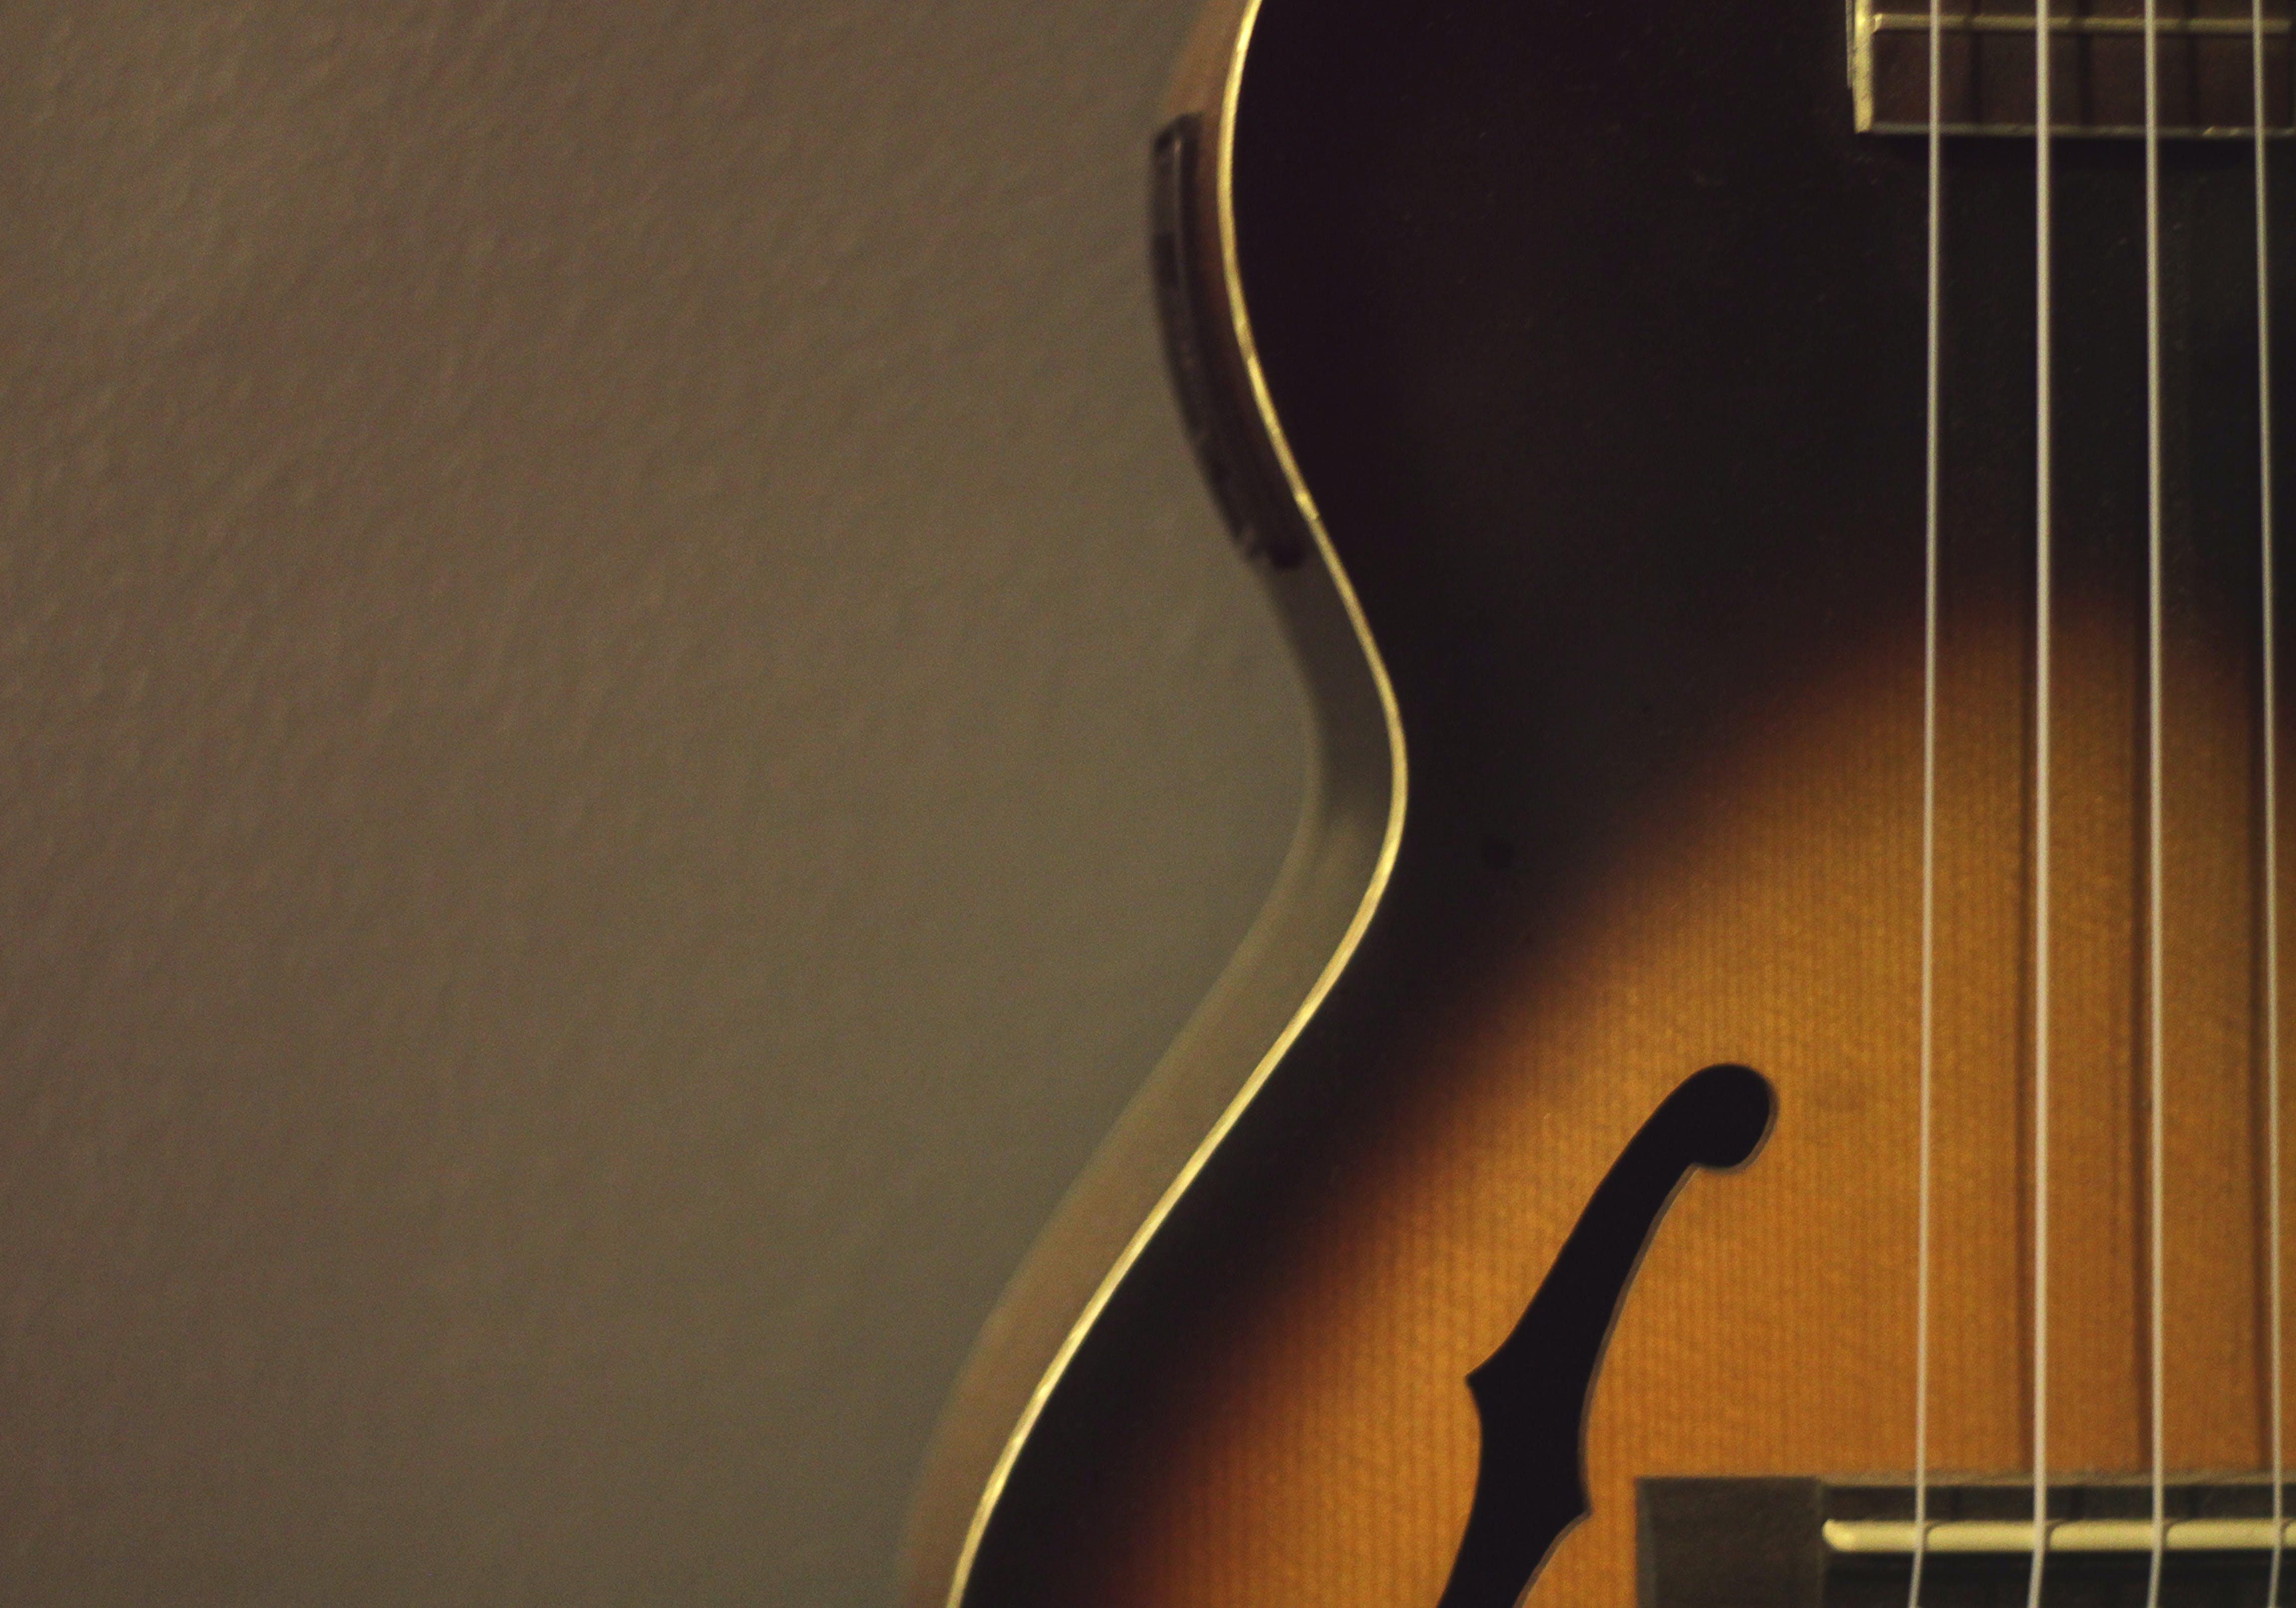 Free stock photo of night, music, instrument, ukulele